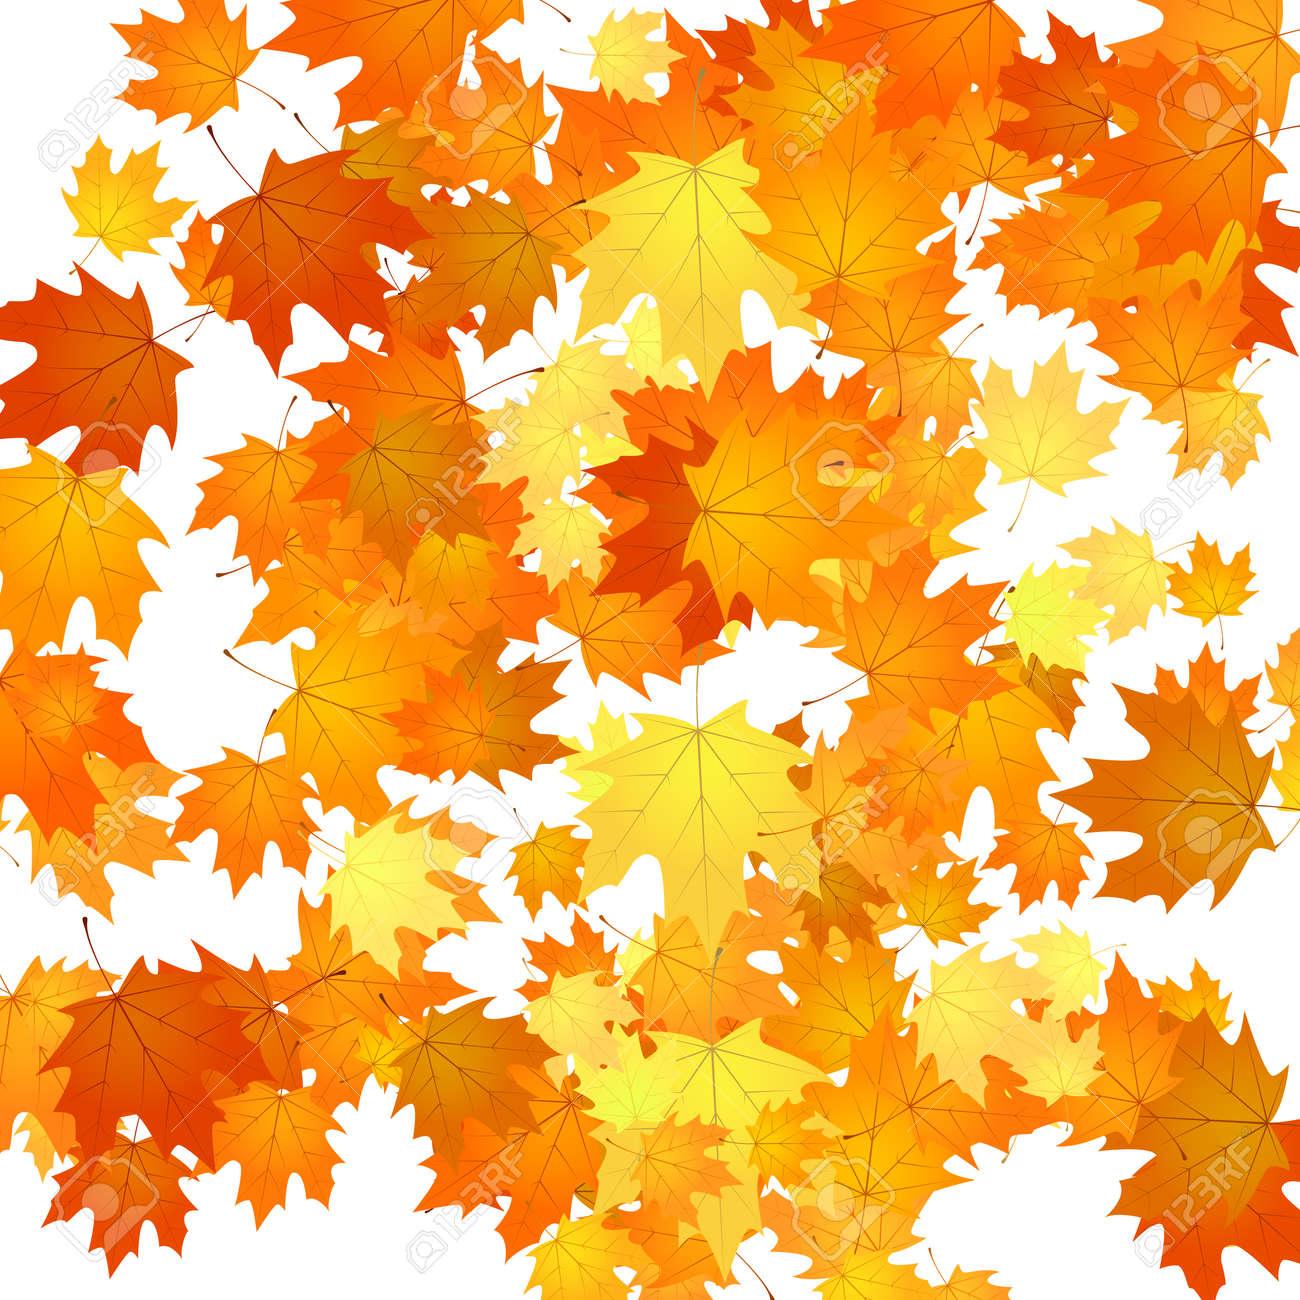 自然花の背景紅葉秋背景イラストのイラスト素材ベクタ Image 87349128